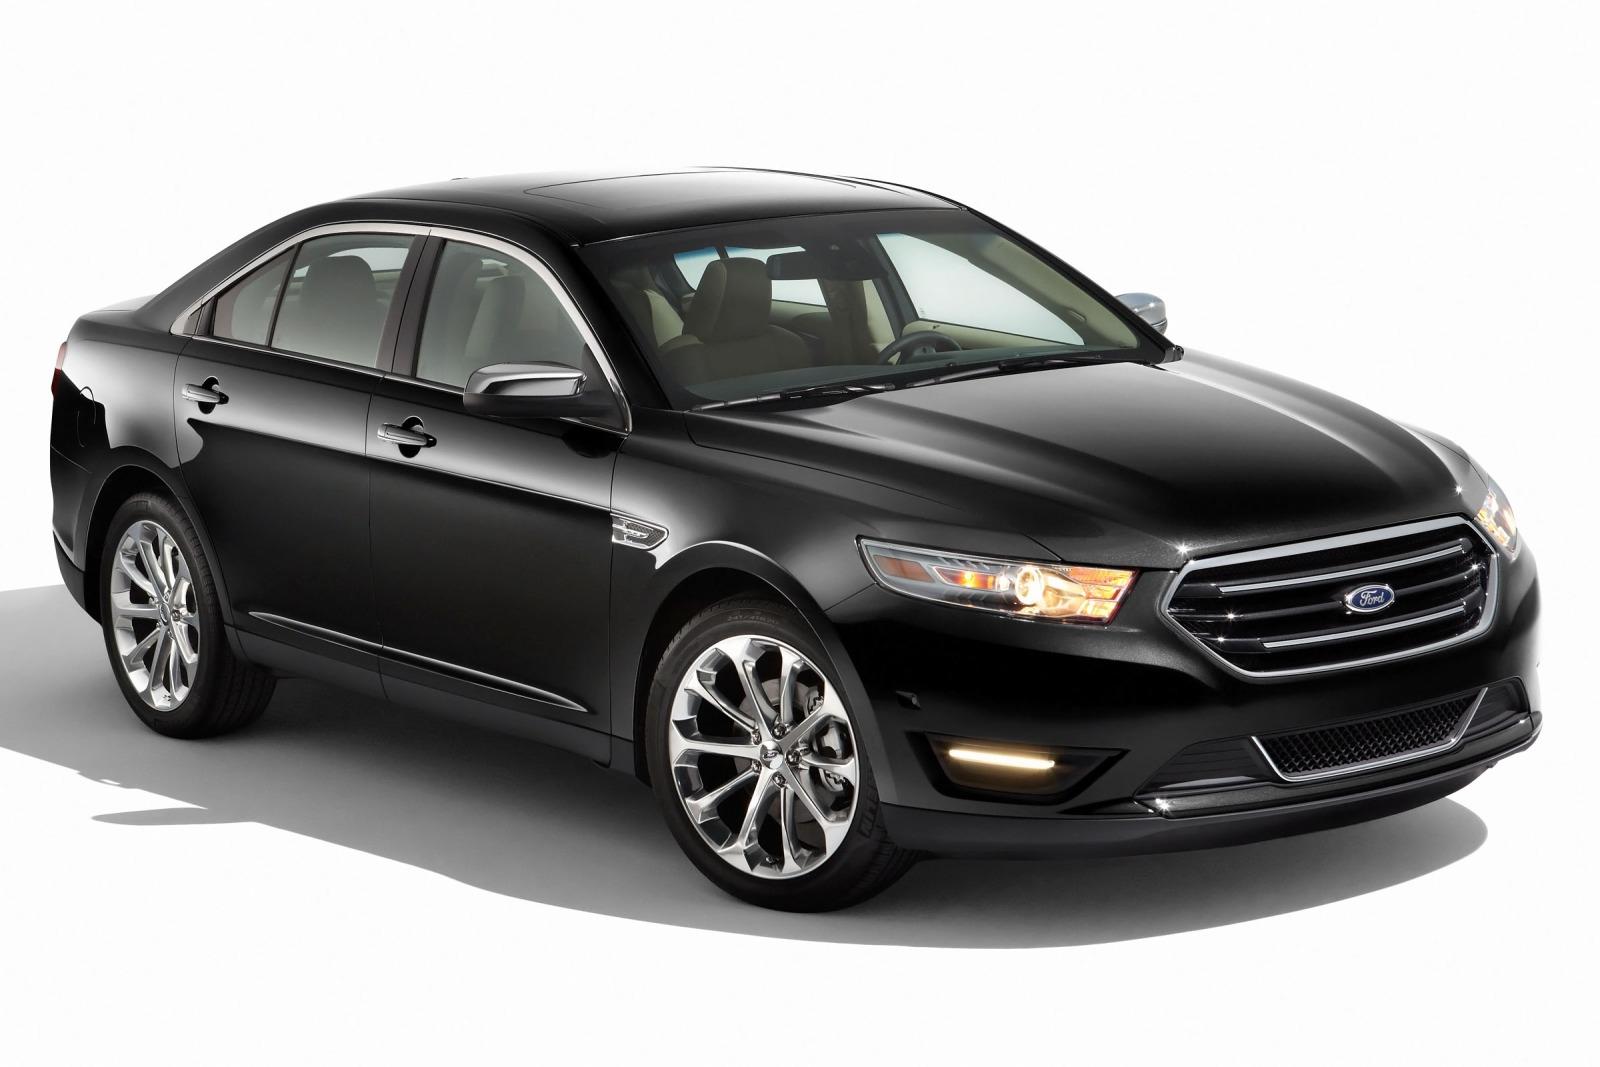 2013 ford taurus sedan limited fq oem 1 1600